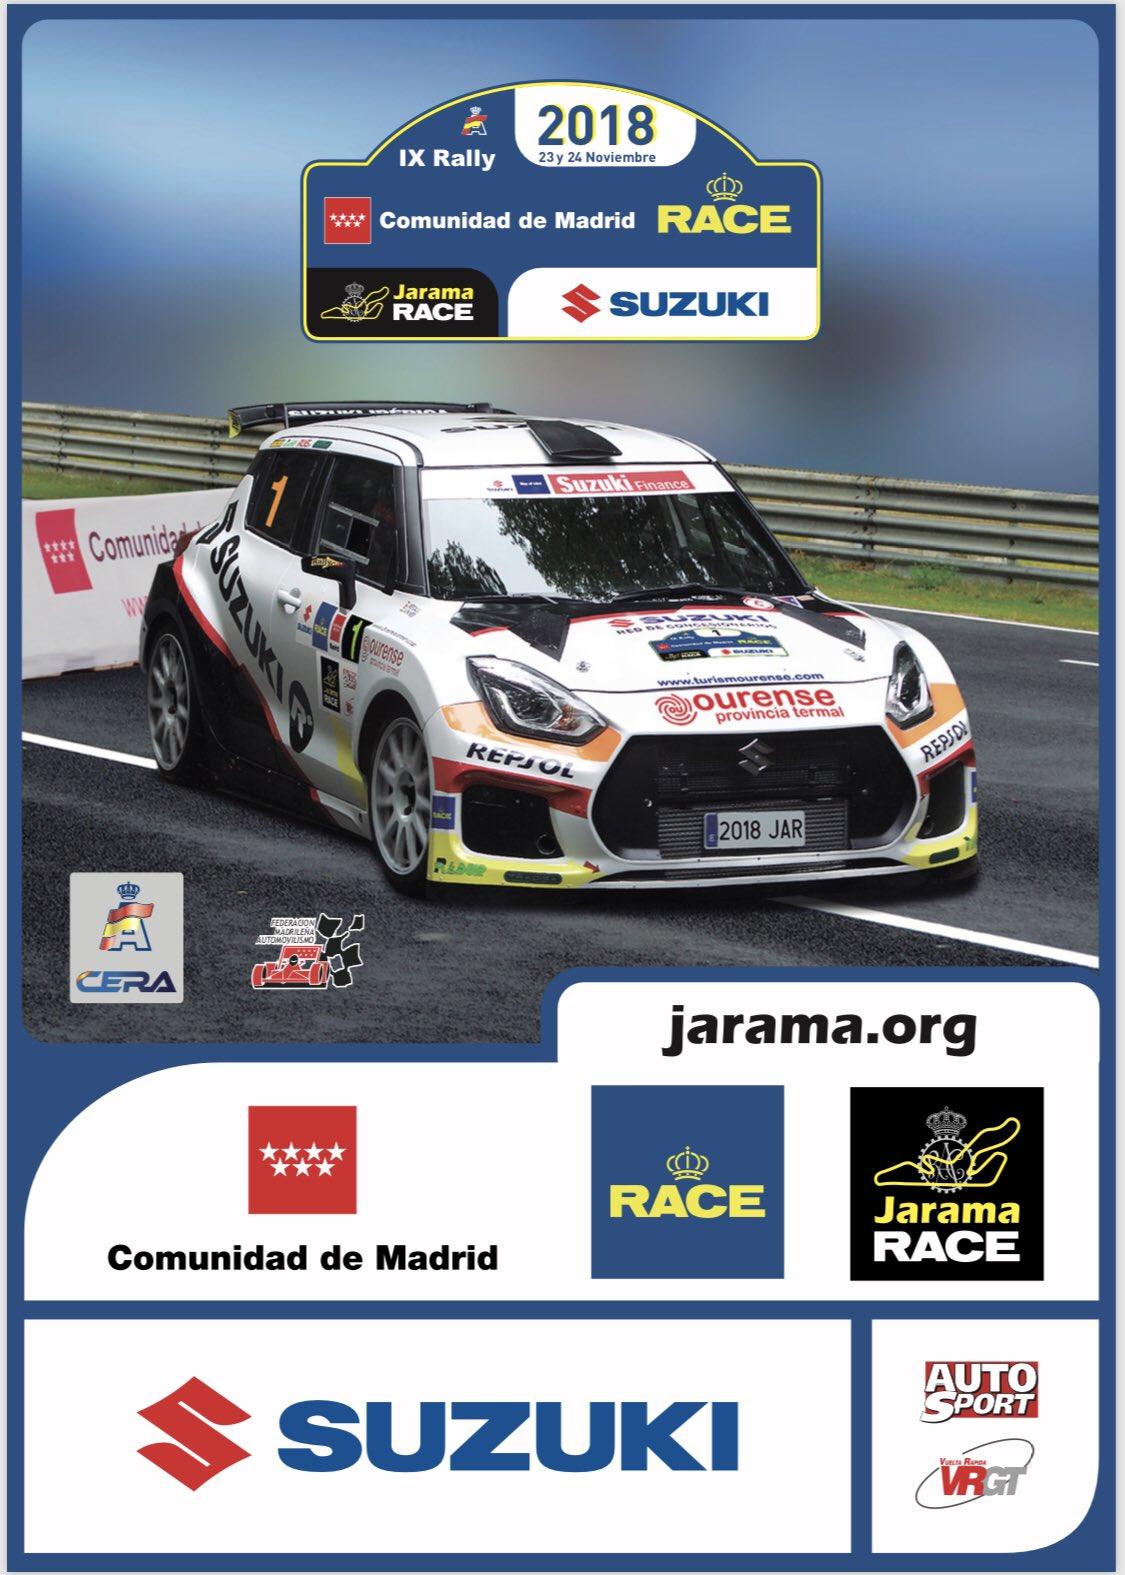 CERA: 9º Rallye Comunidad de Madrid - RACE [23-24 Noviembre] DsHst2kWkAAGPey